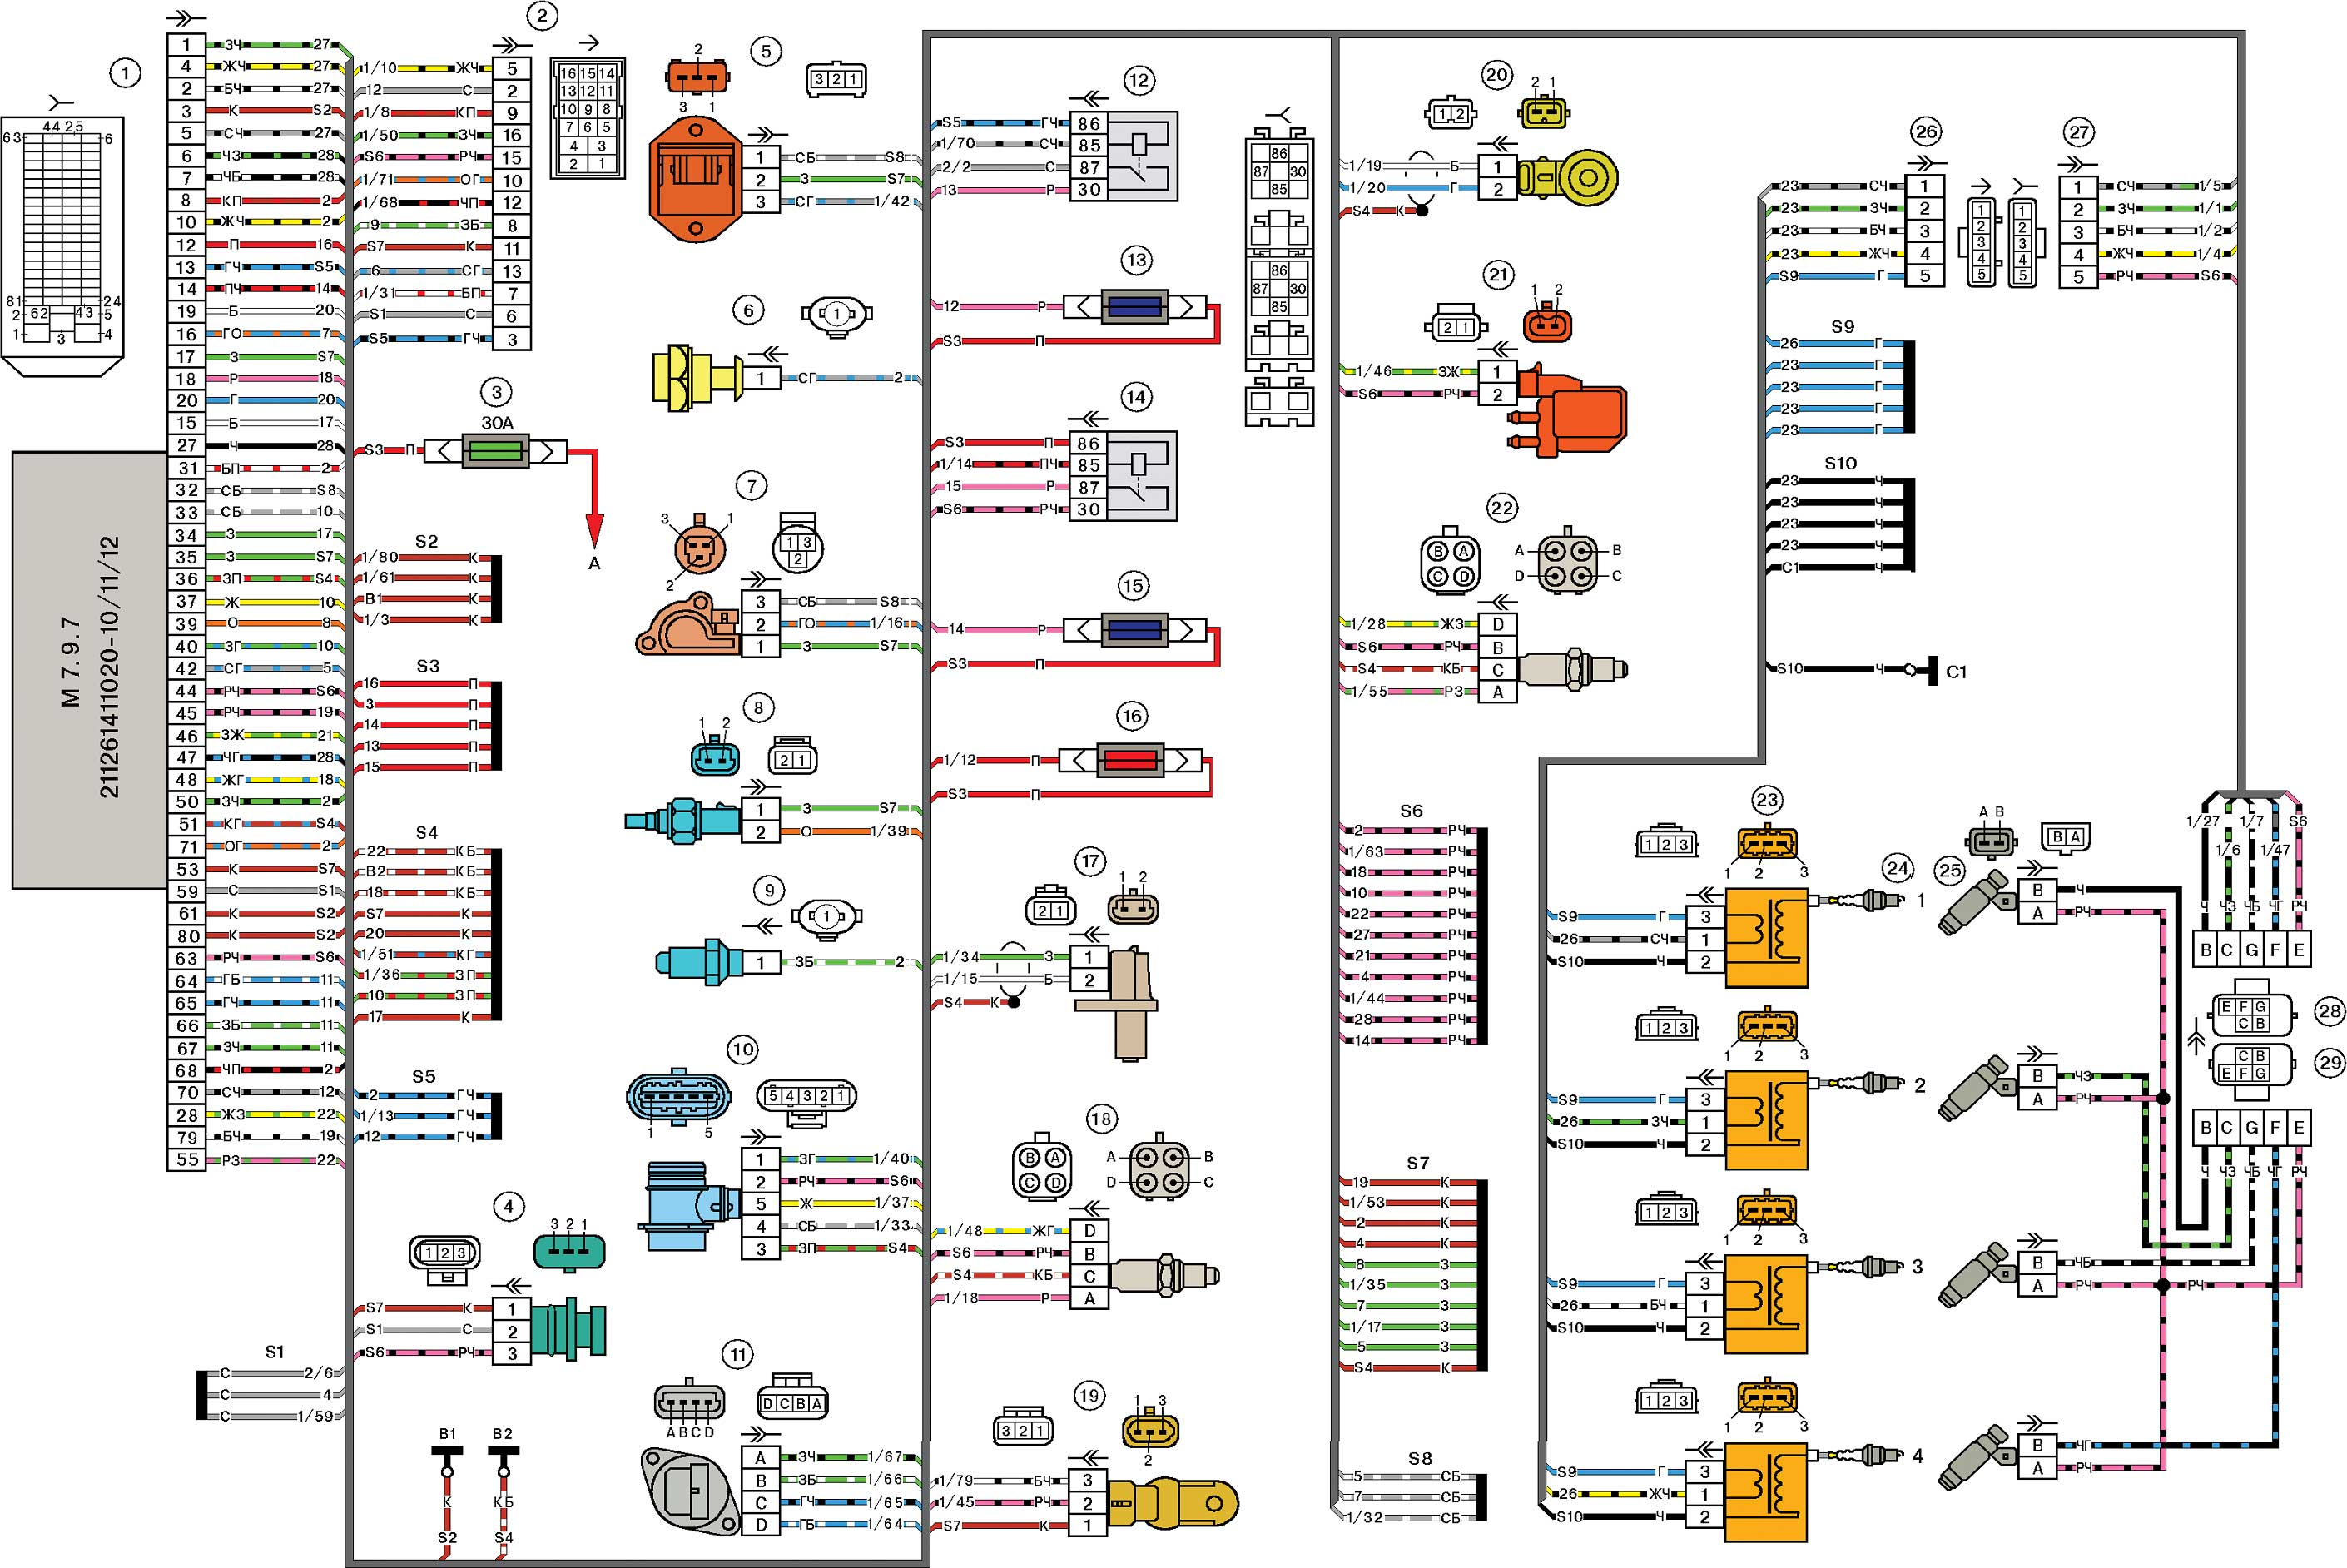 lada 2170 2 - Схема проводки приора хэтчбек